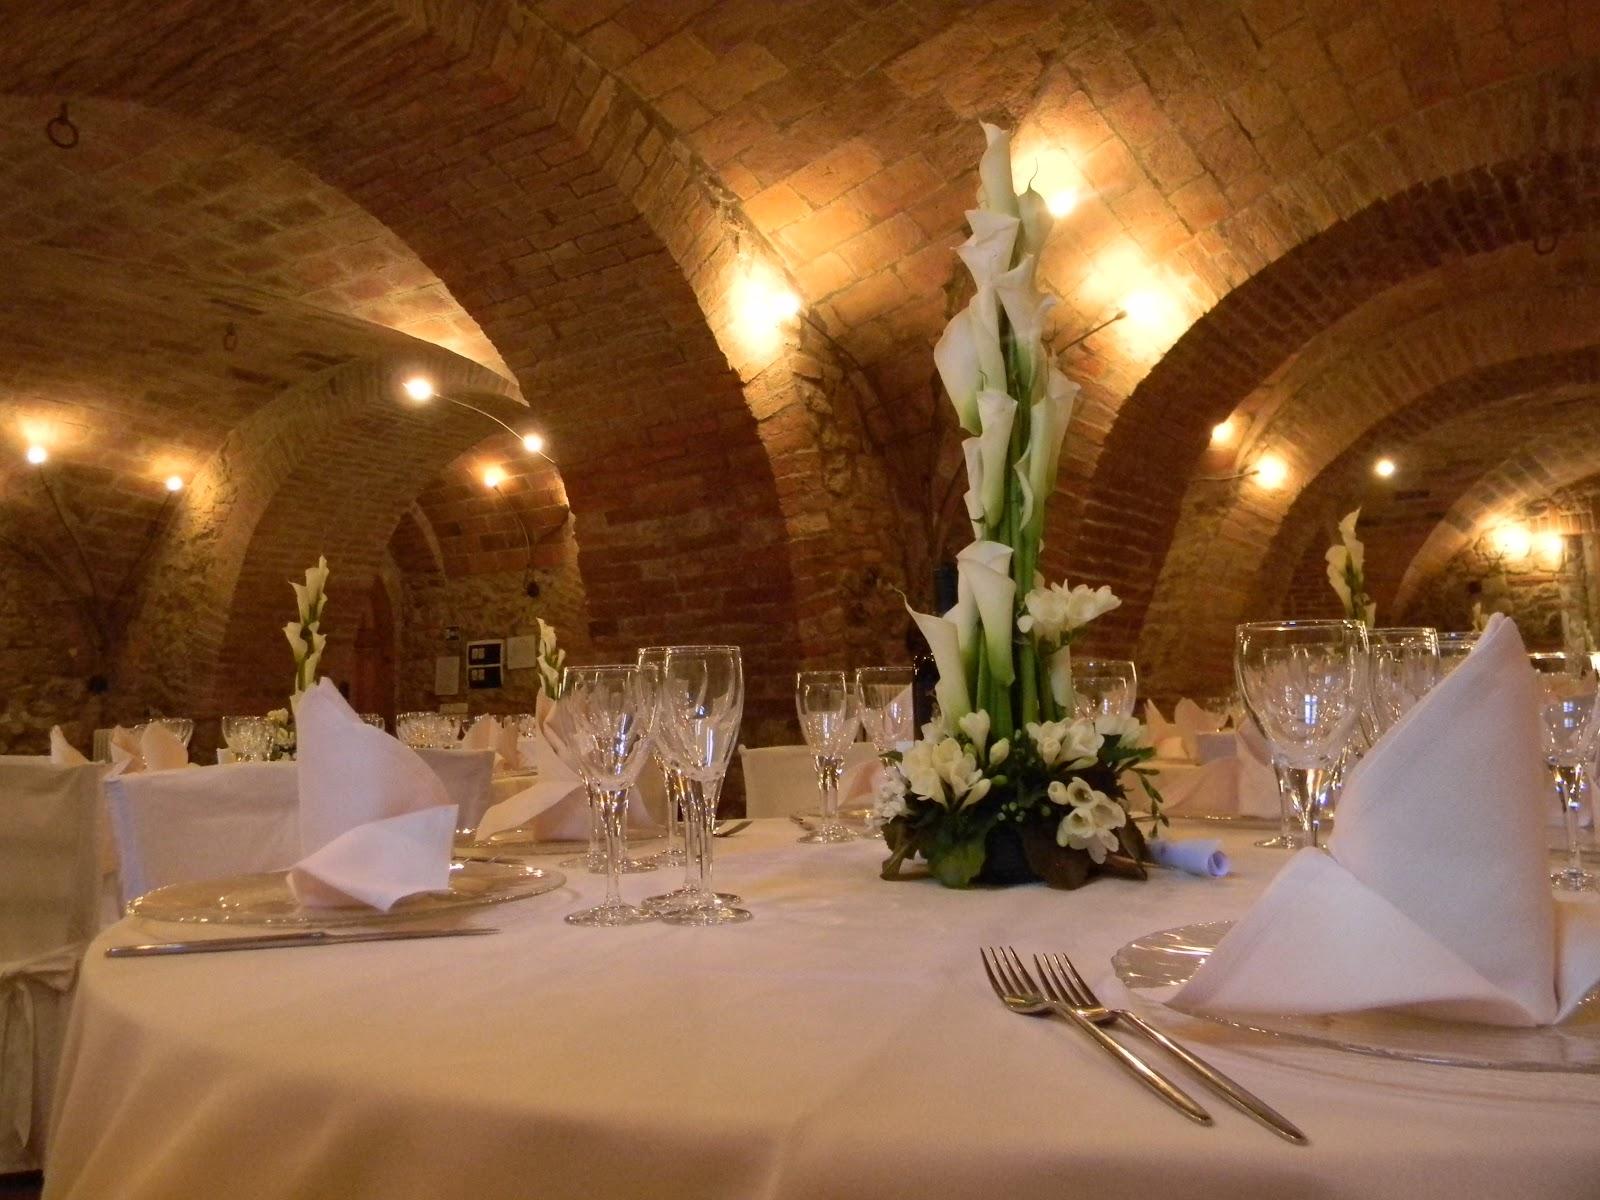 Matrimonio D Inverno Location Toscana : Matrimonio invernale sposarsi in inverno: il calore di una